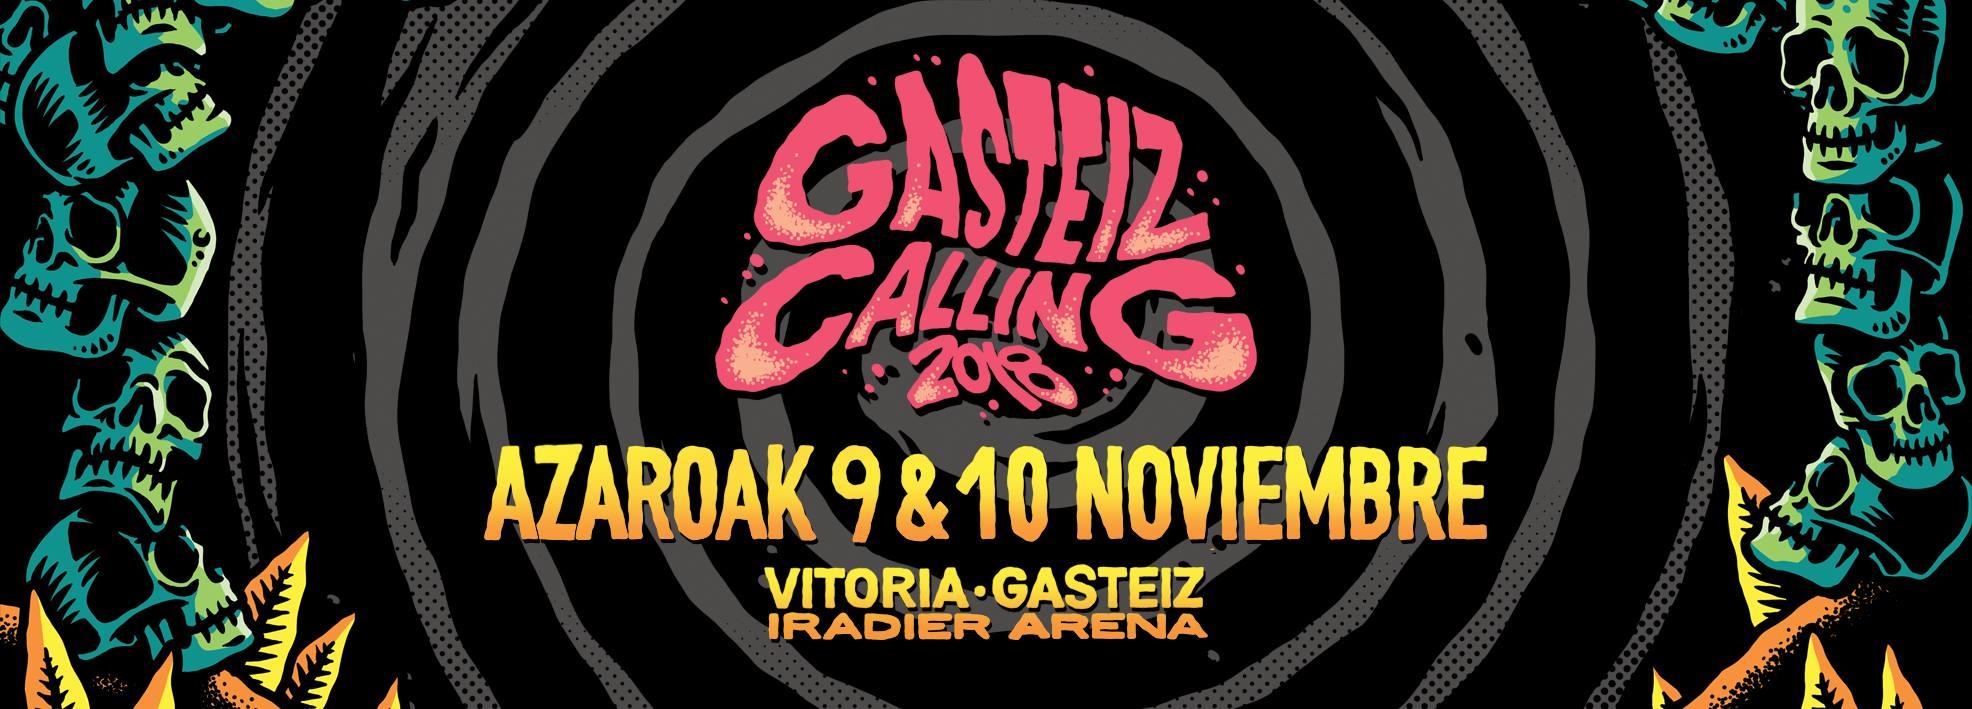 GASTEIZ CALLING 2018 publica el cartel por días